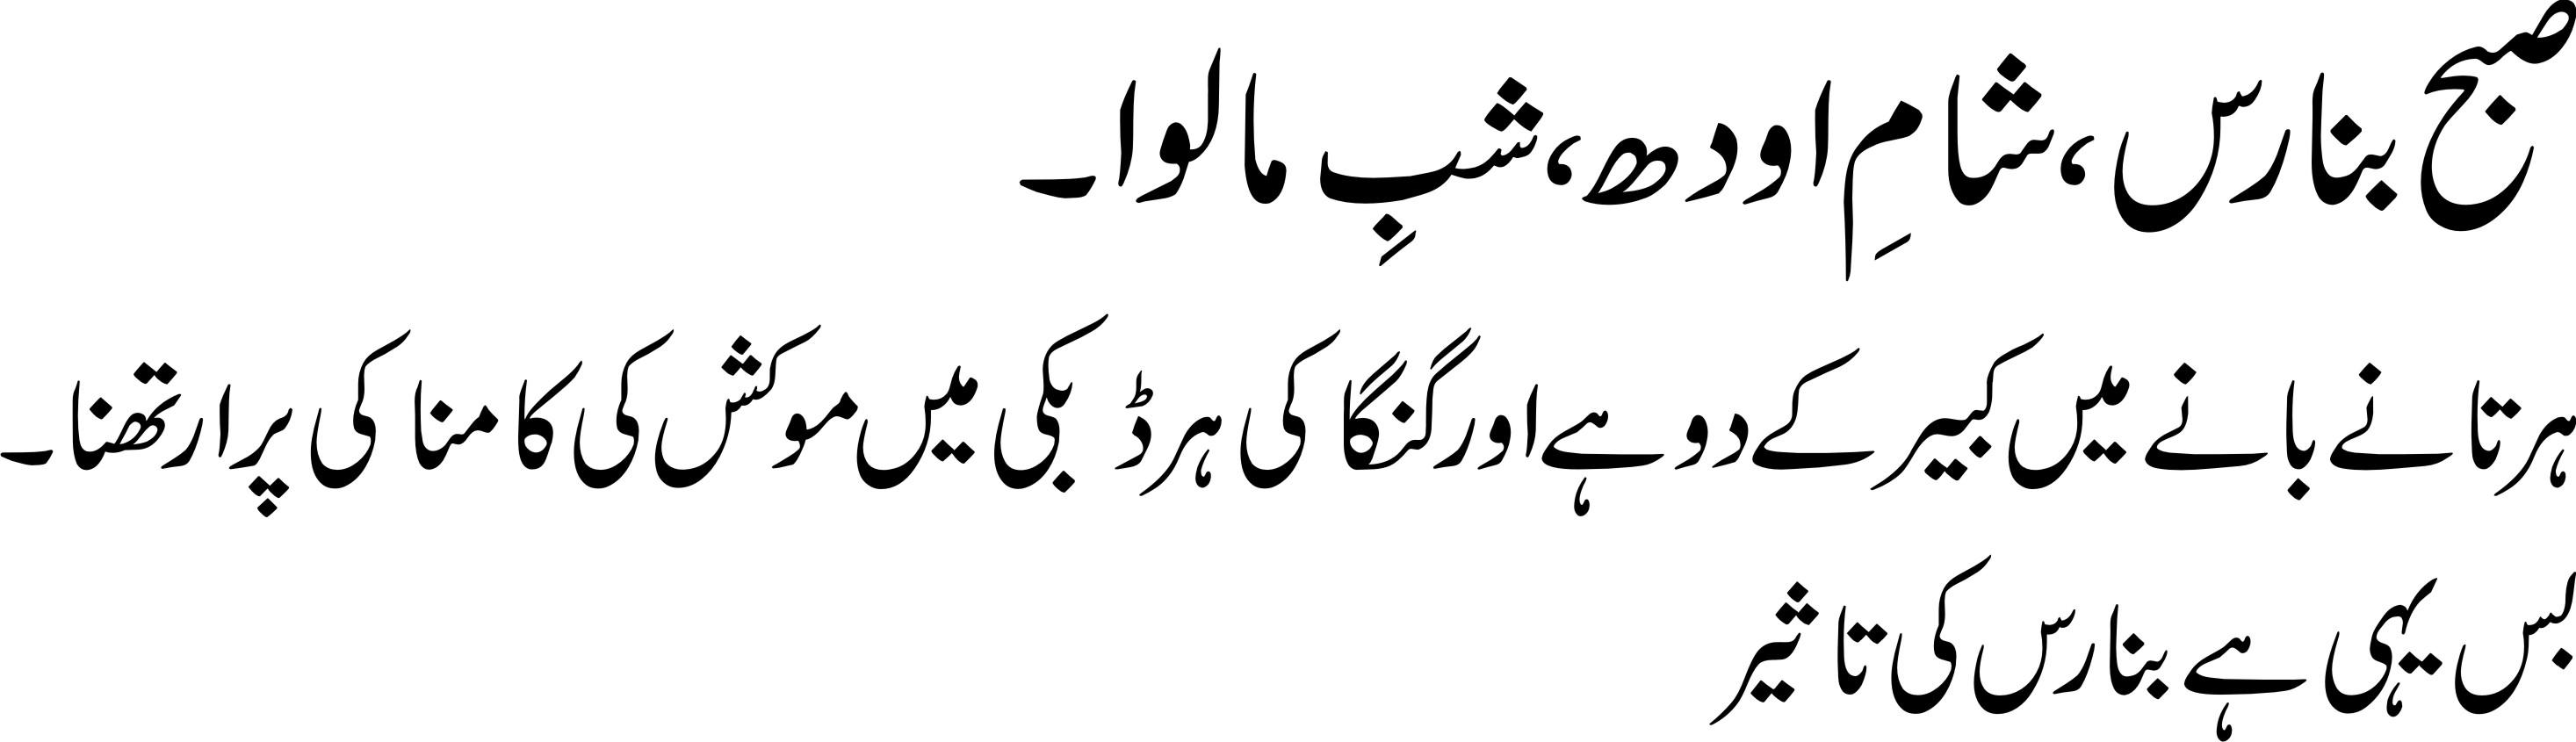 Subh-e- banaras